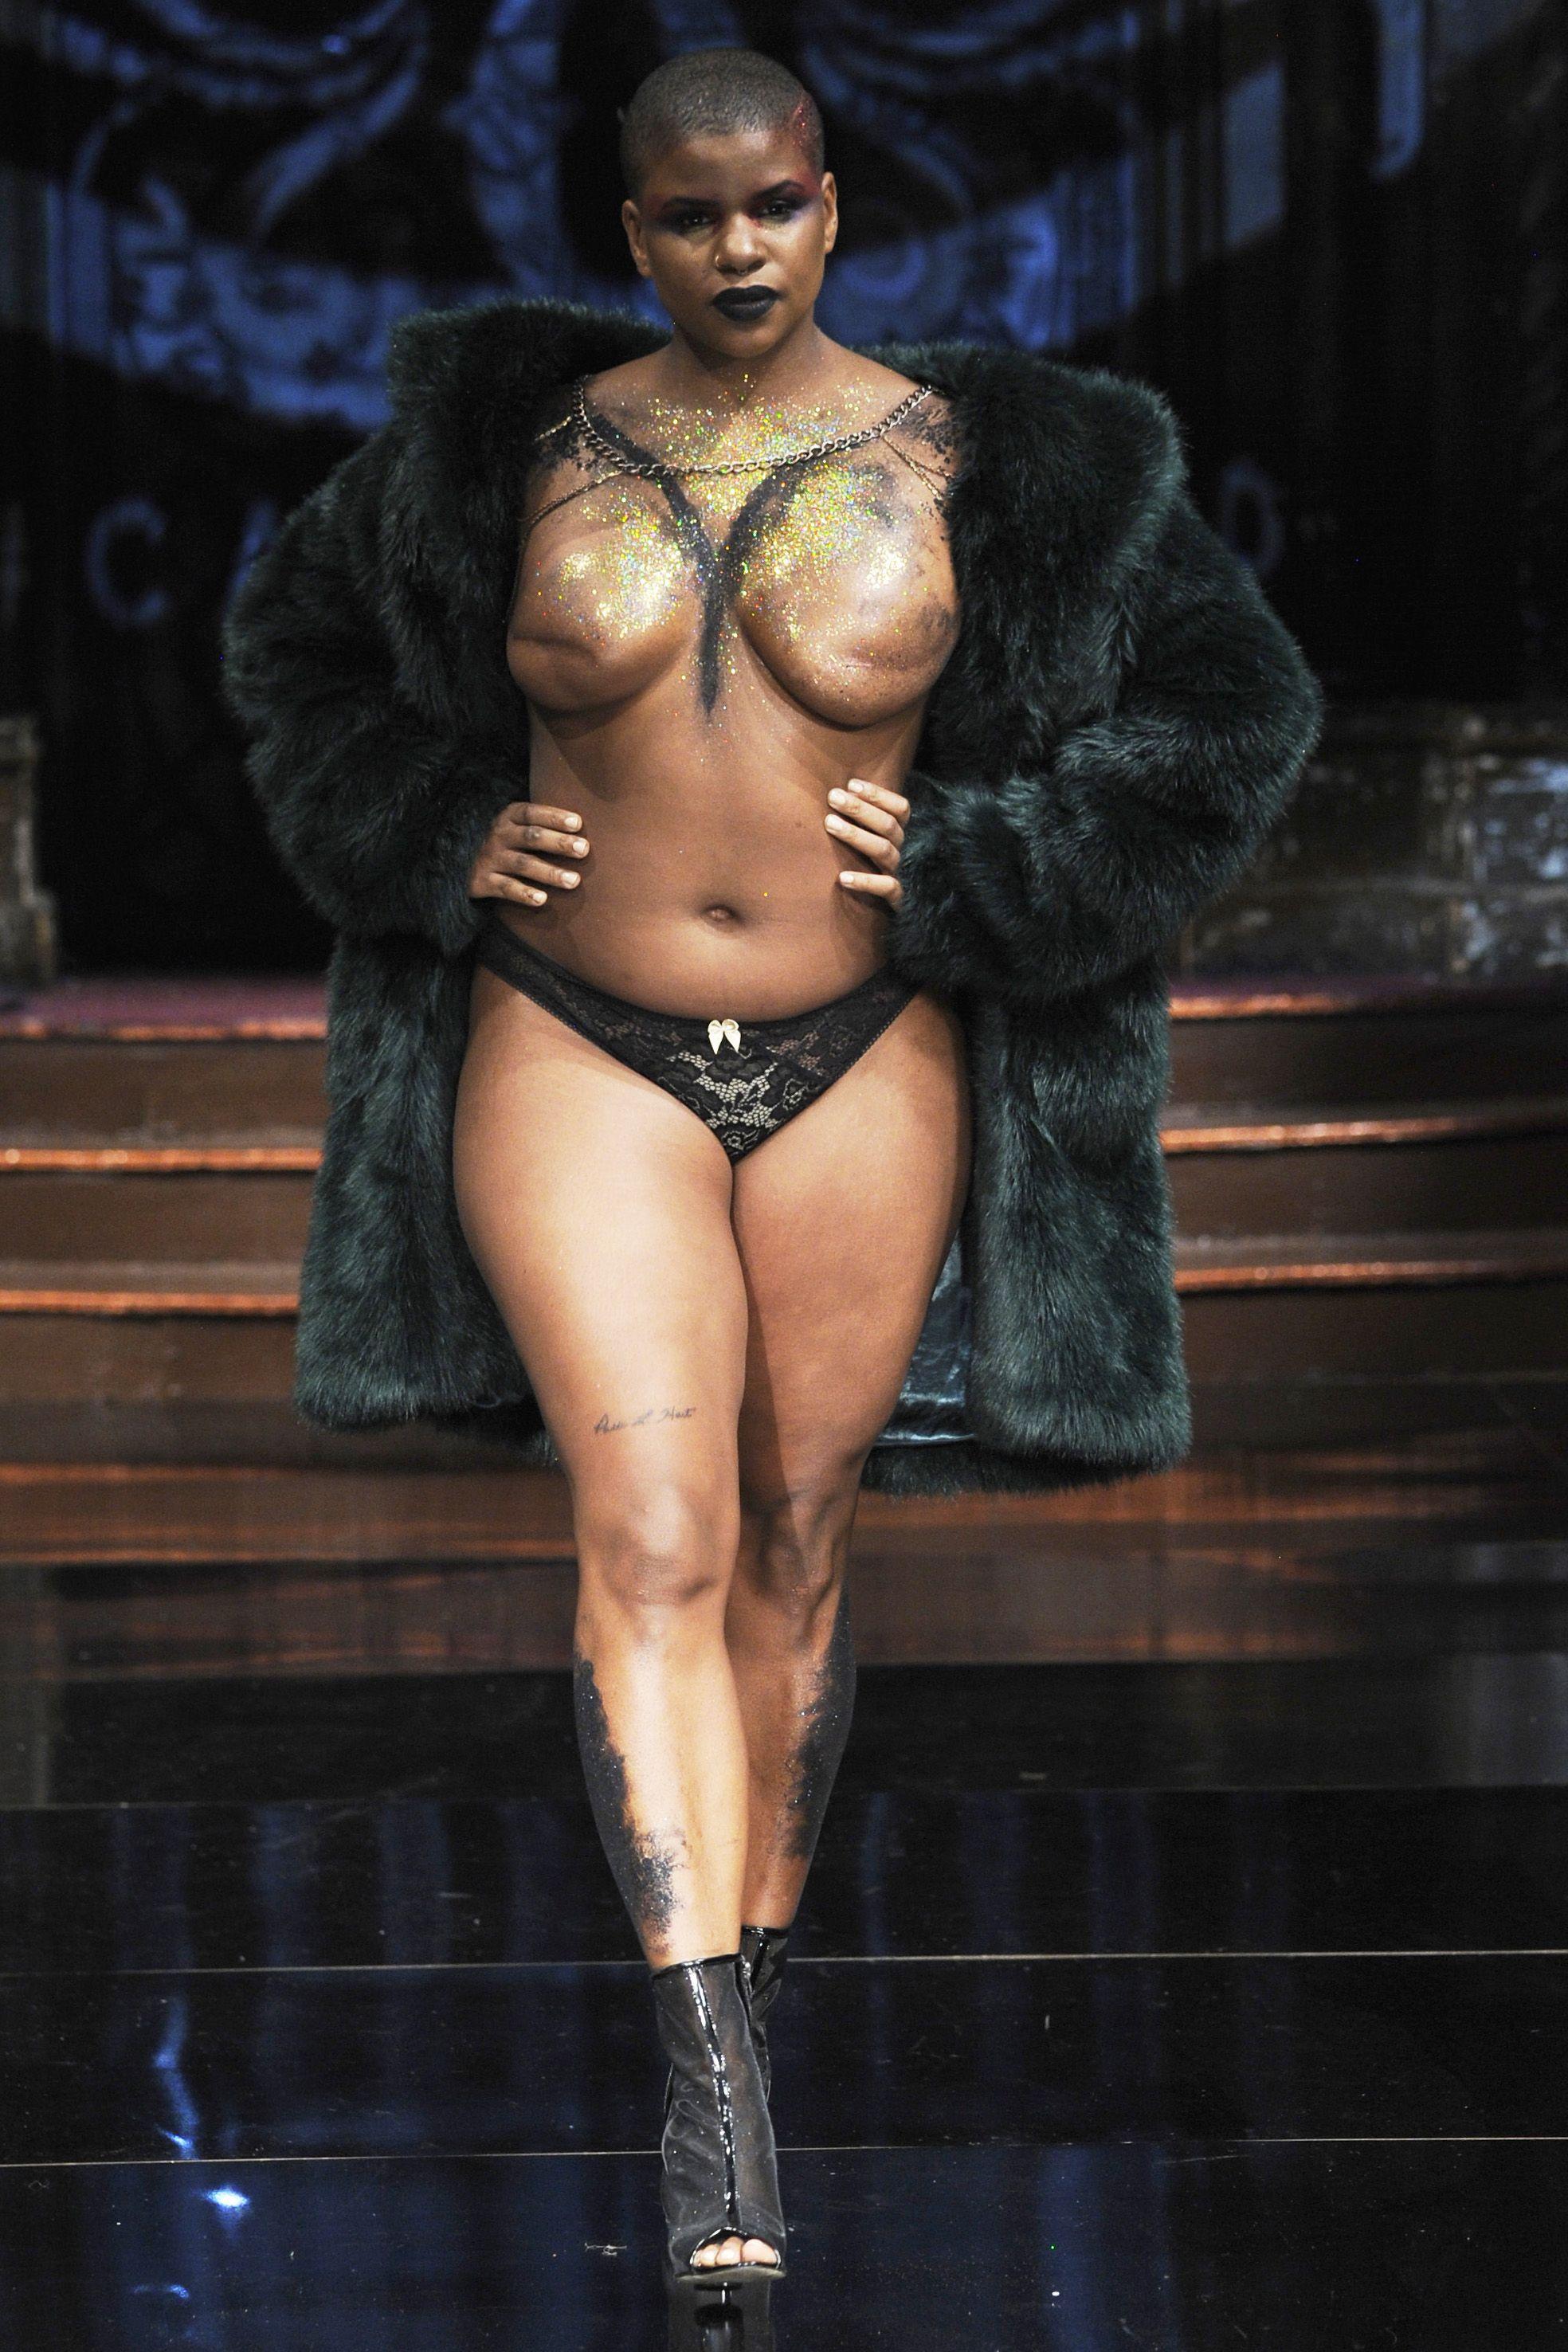 Runway naked shows models